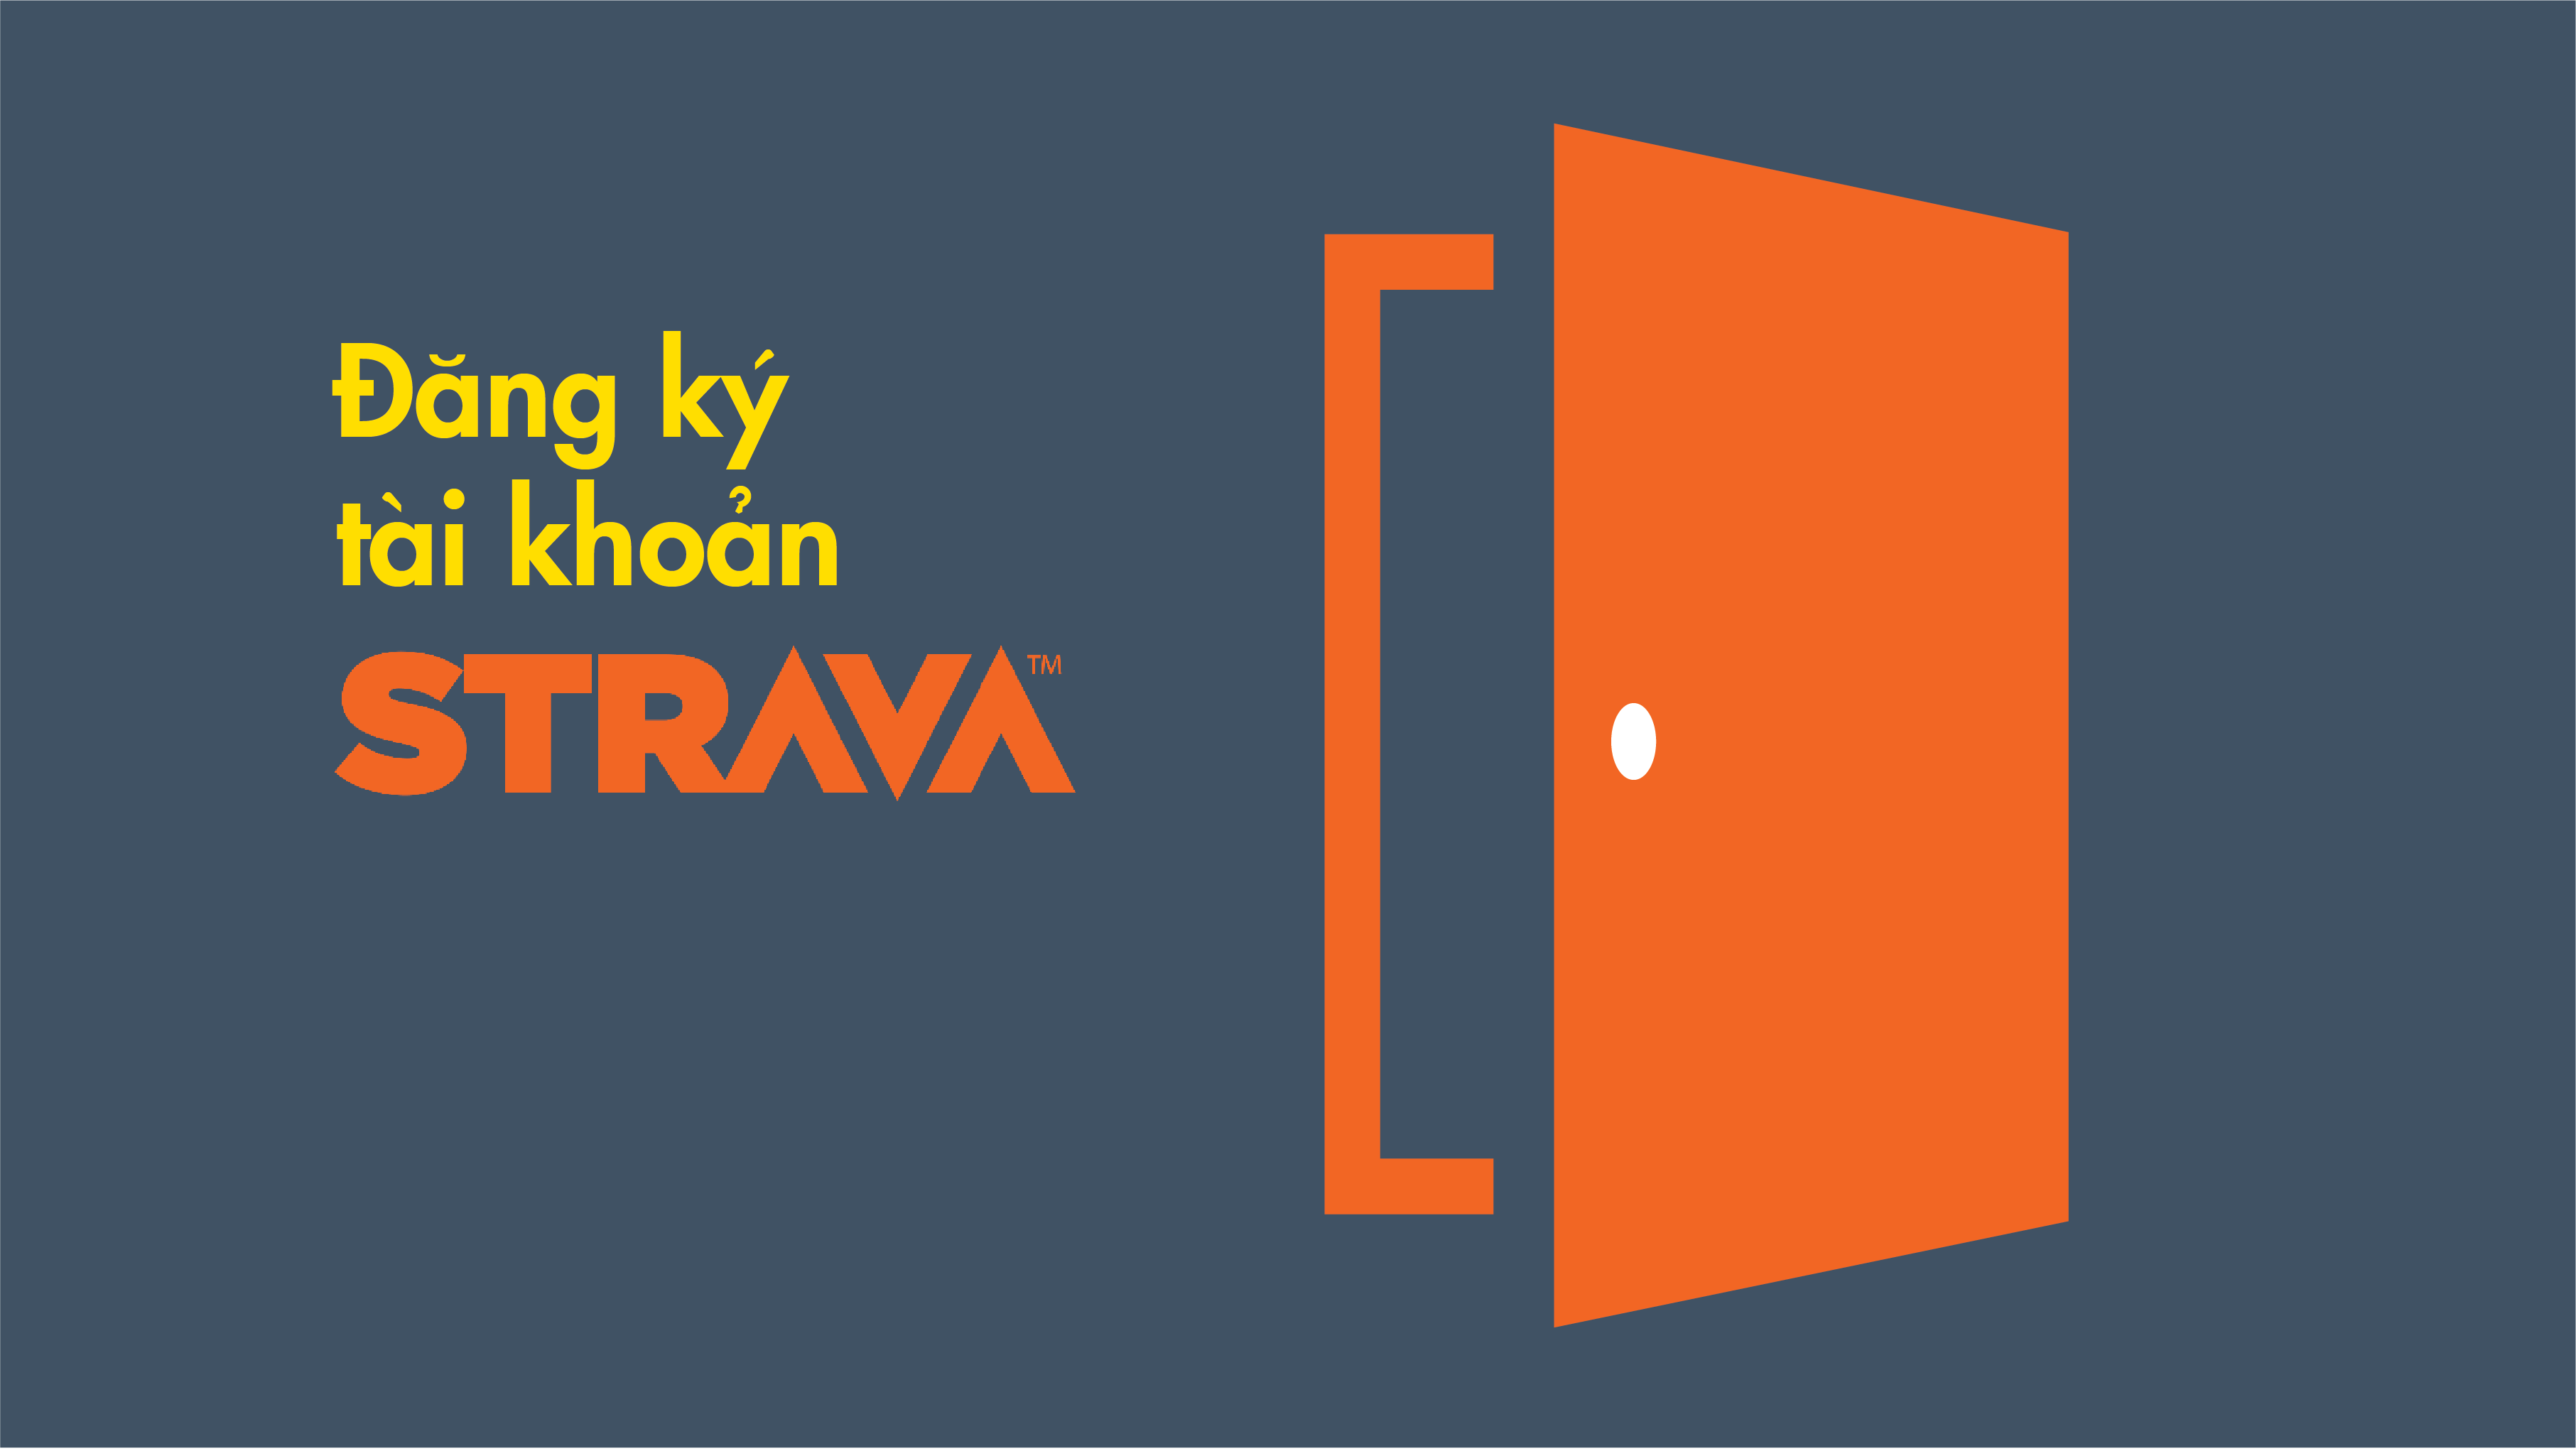 Hướng dẫn đăng ký tài khoản STRAVA